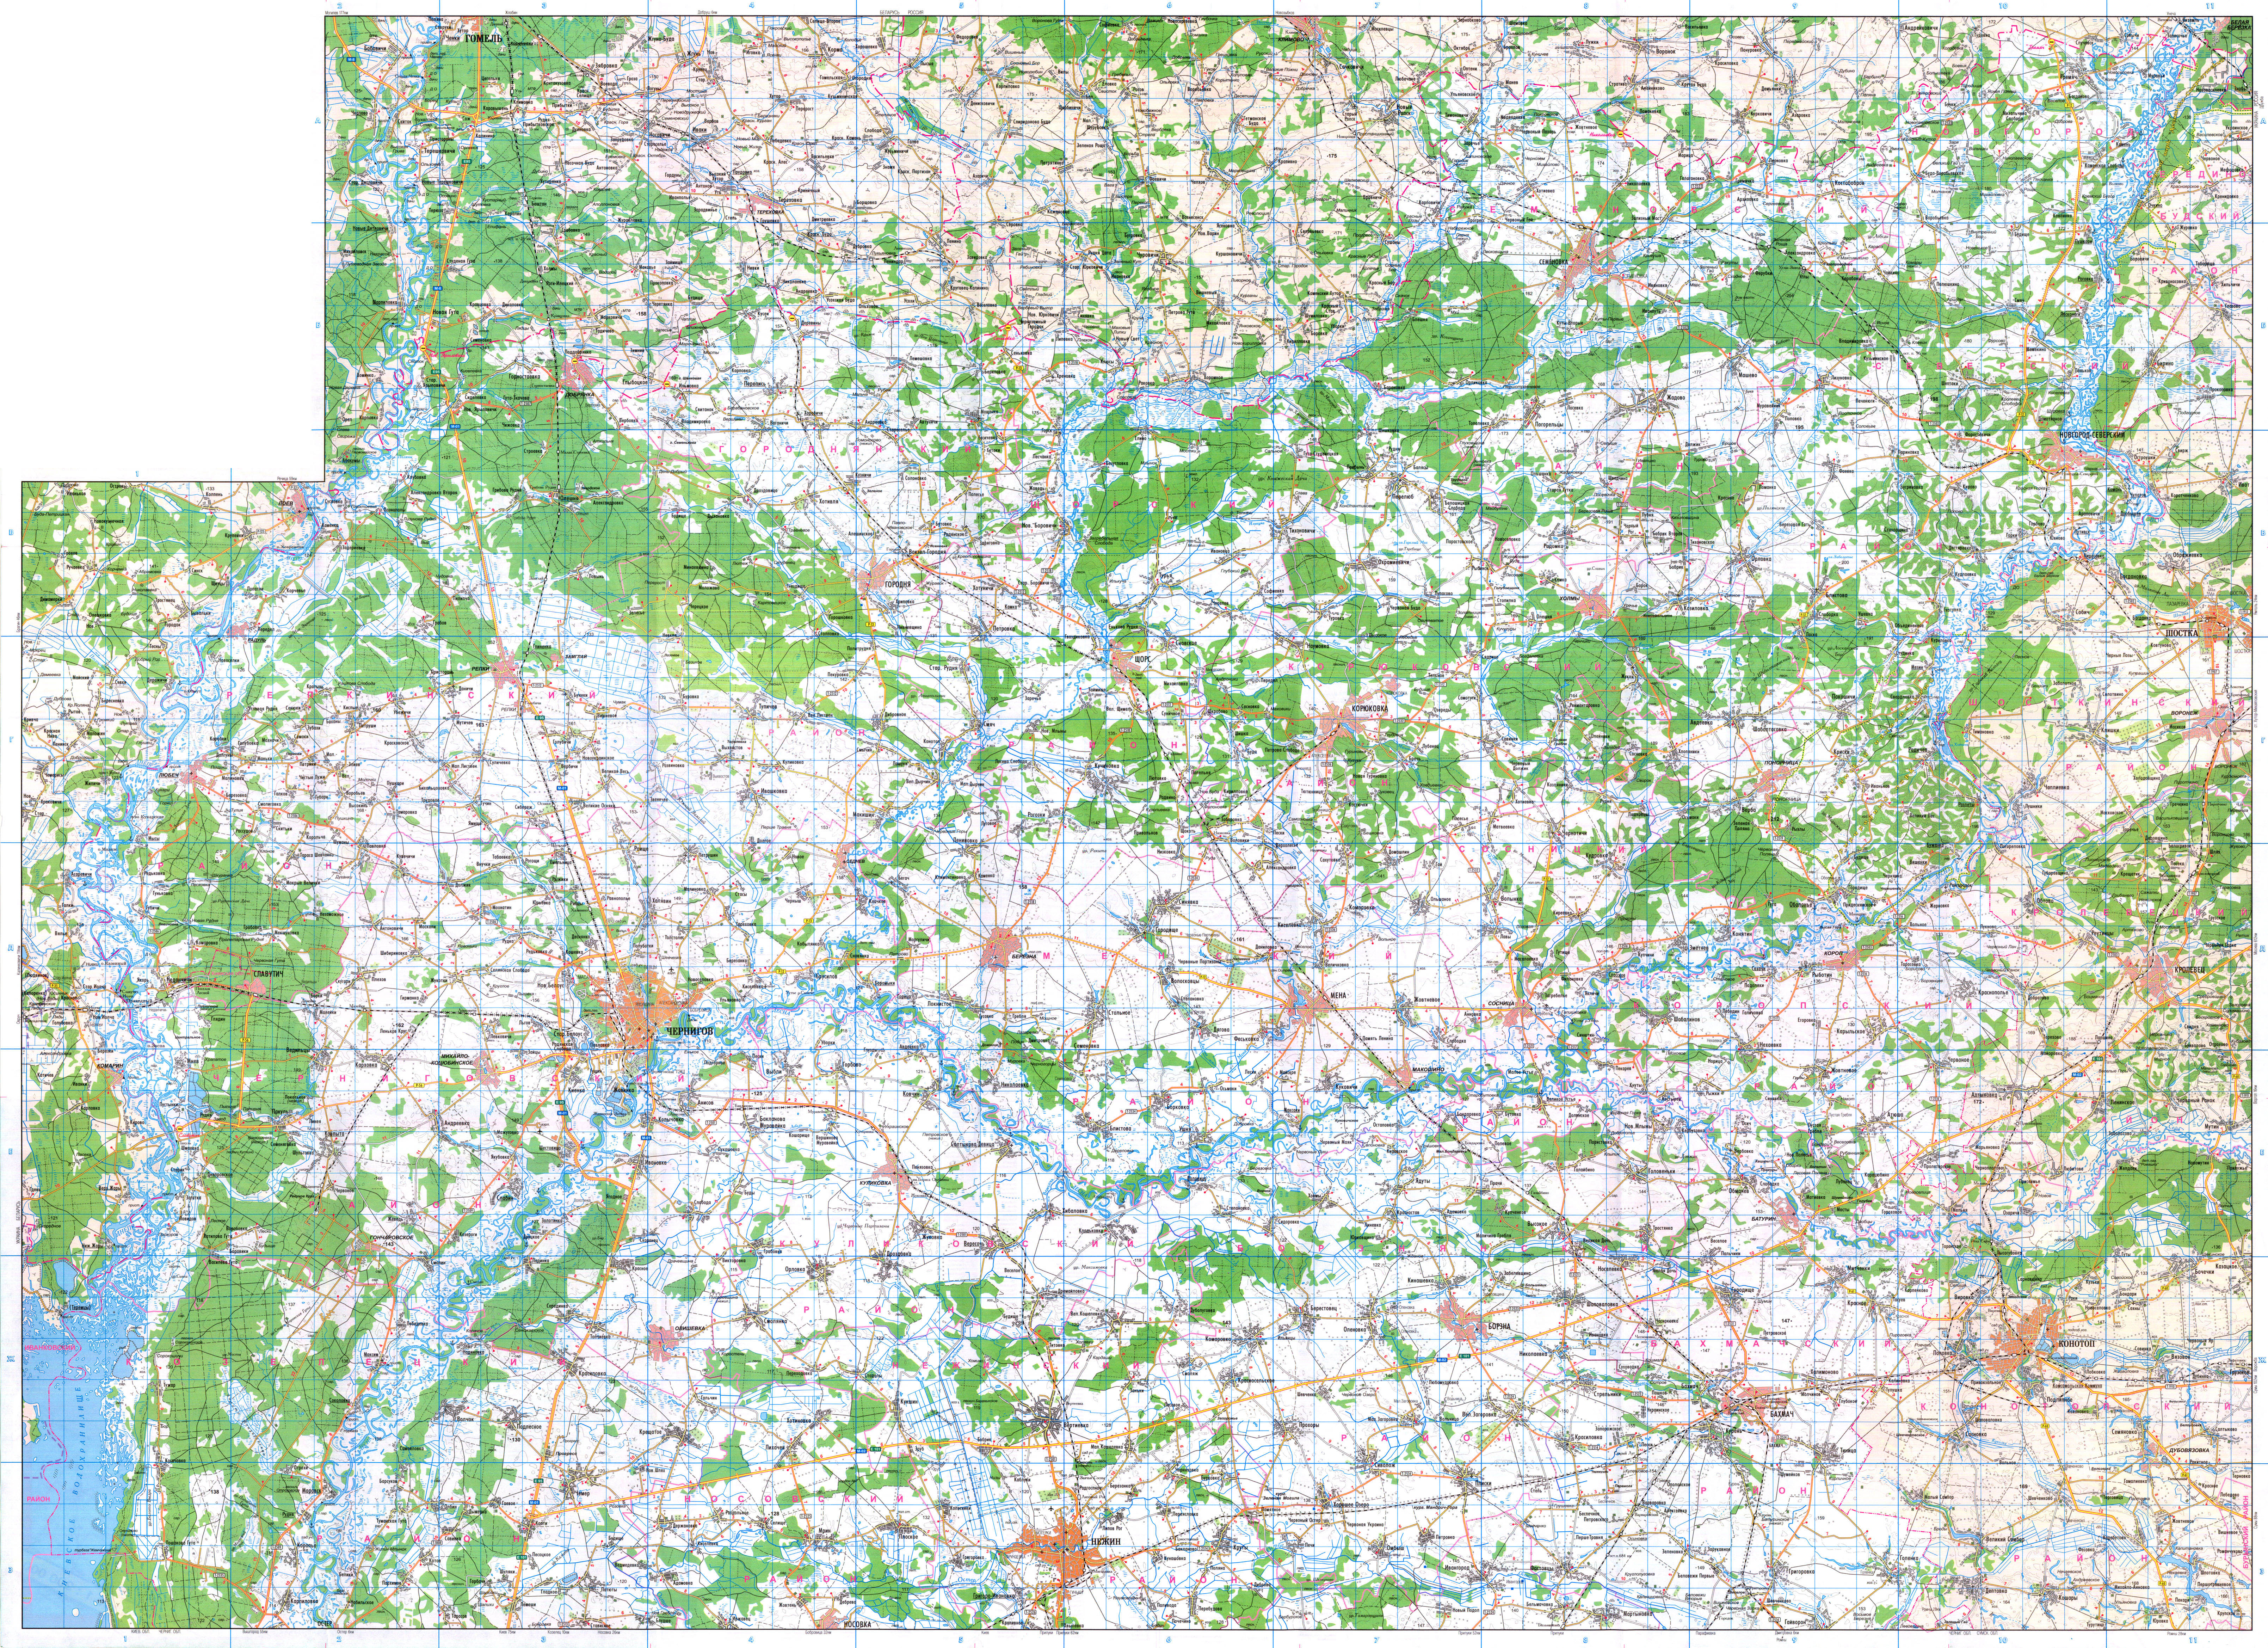 Украинские военные и бойцы в зоне АТО получат новые топографические карты местности